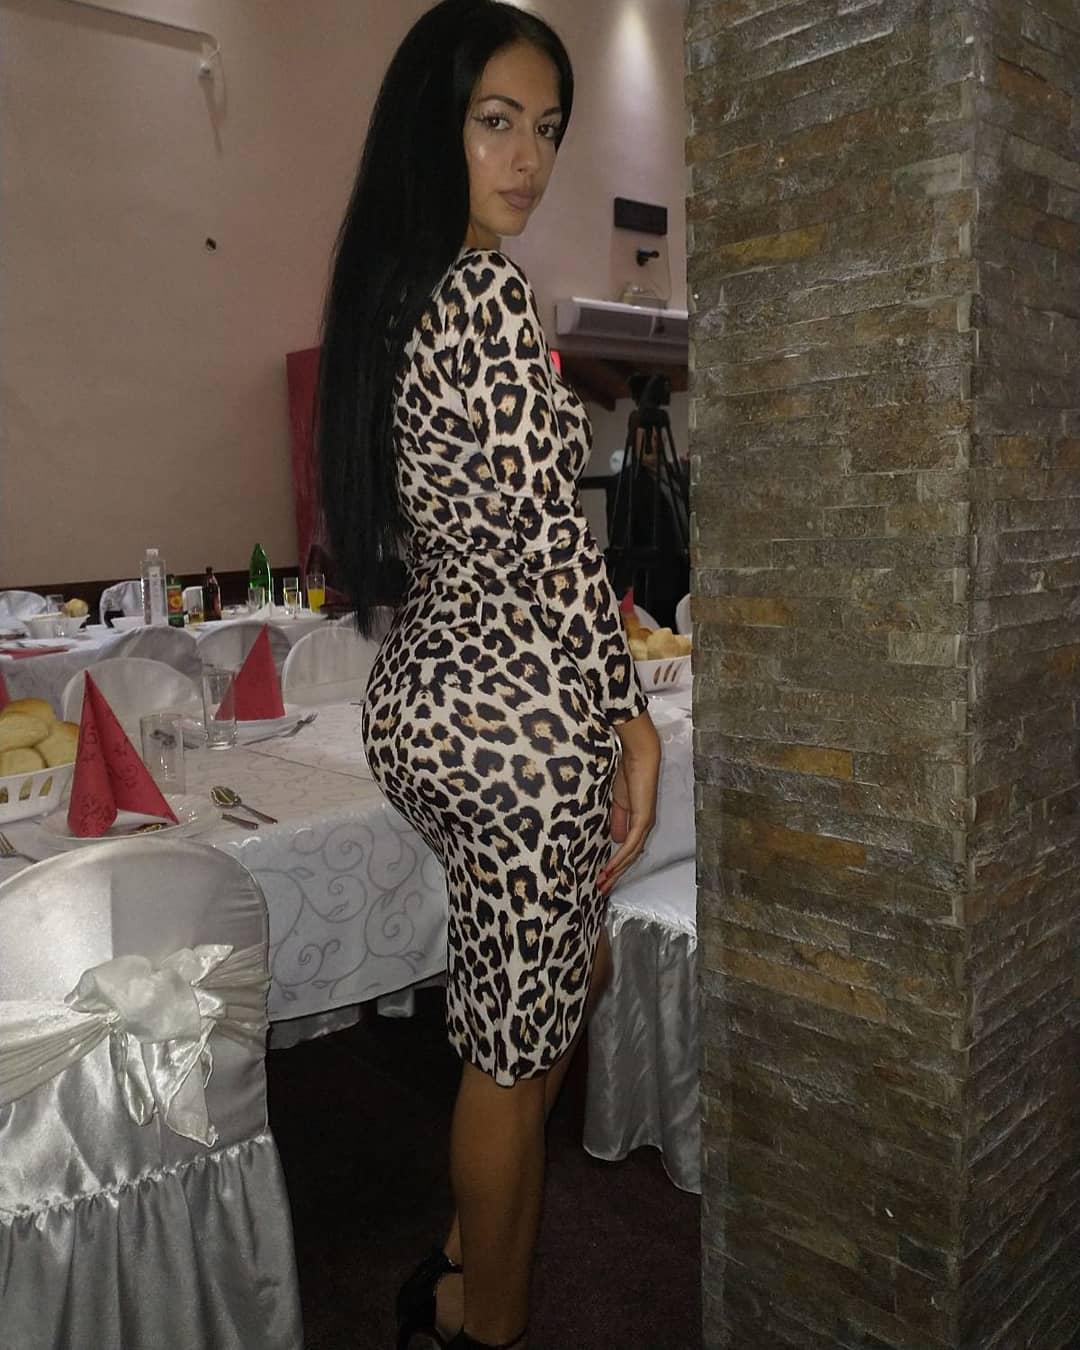 Tatjana-Joksovic-Wallpapers-Insta-Fit-Bio-5